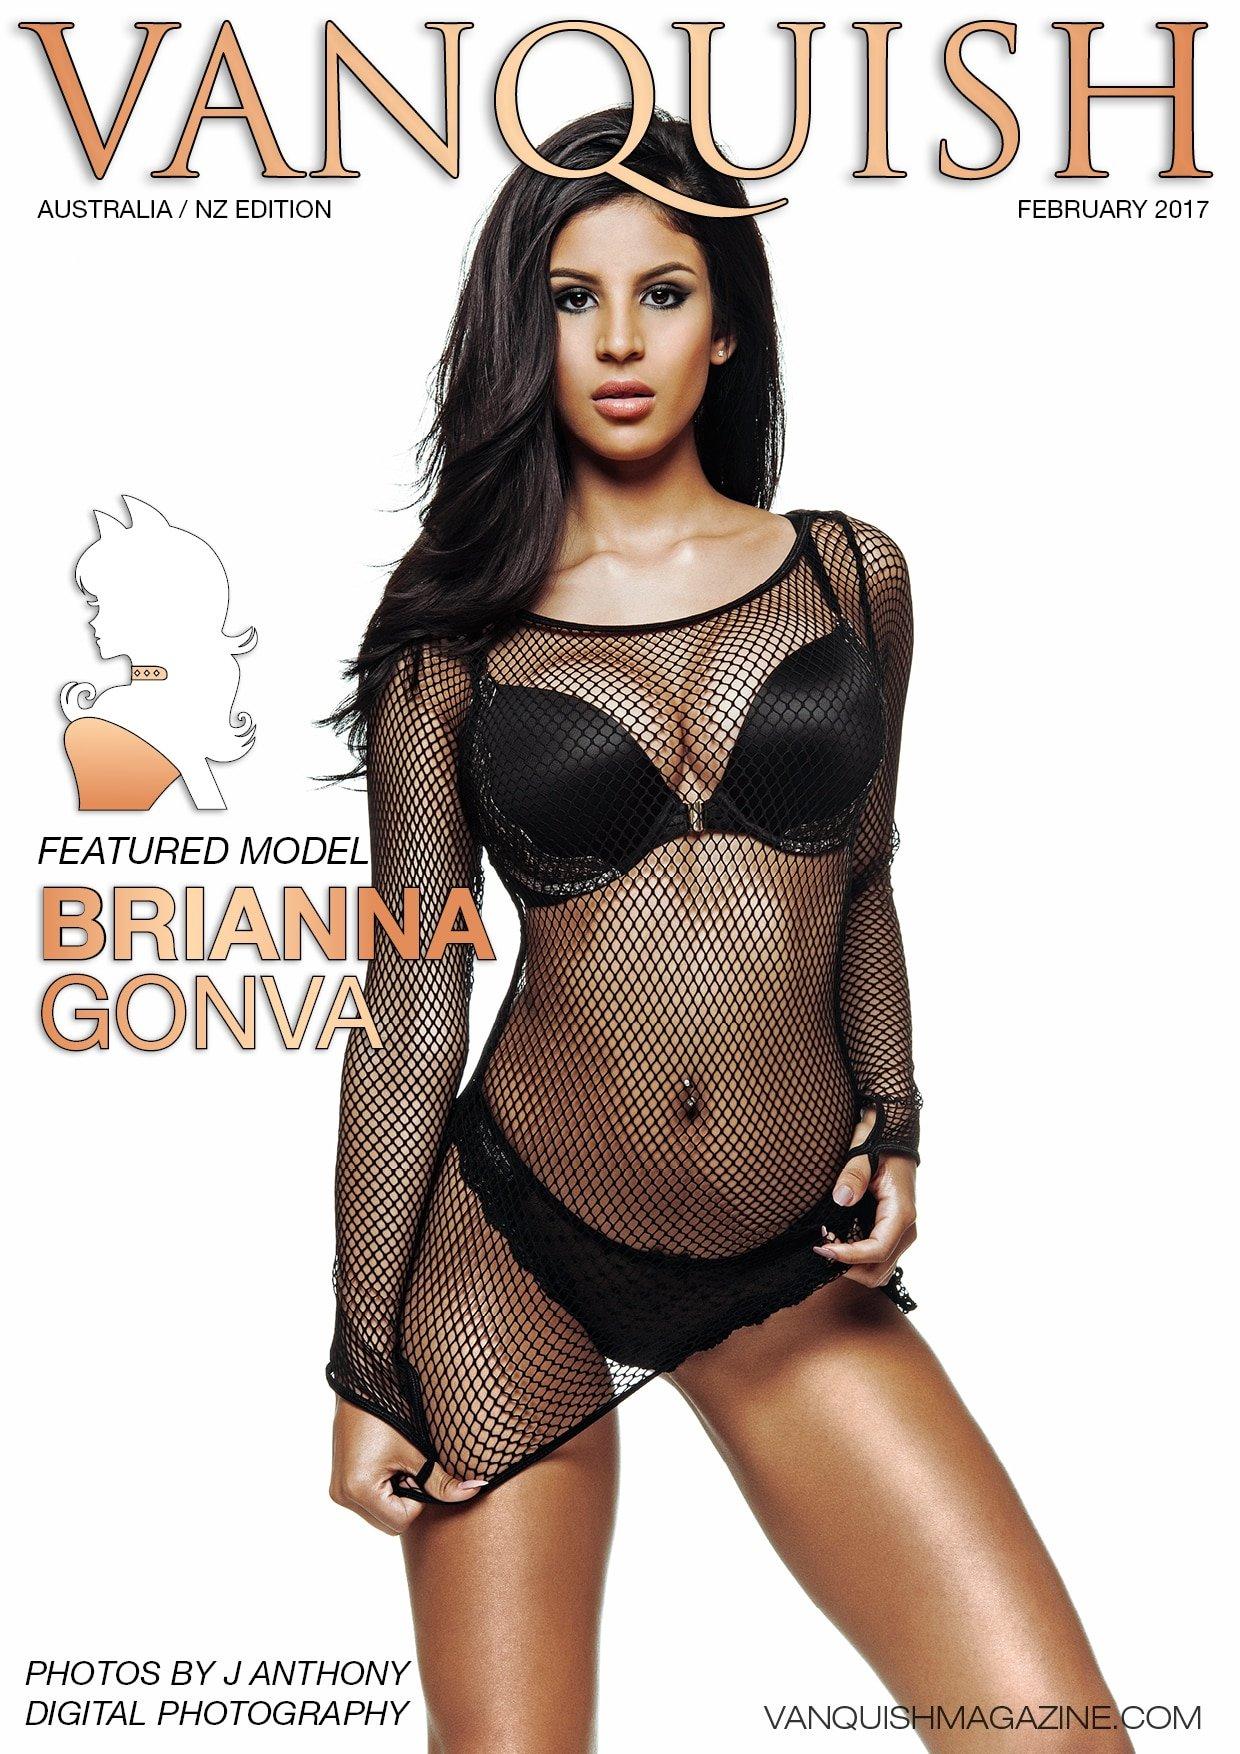 Brianna Gonva